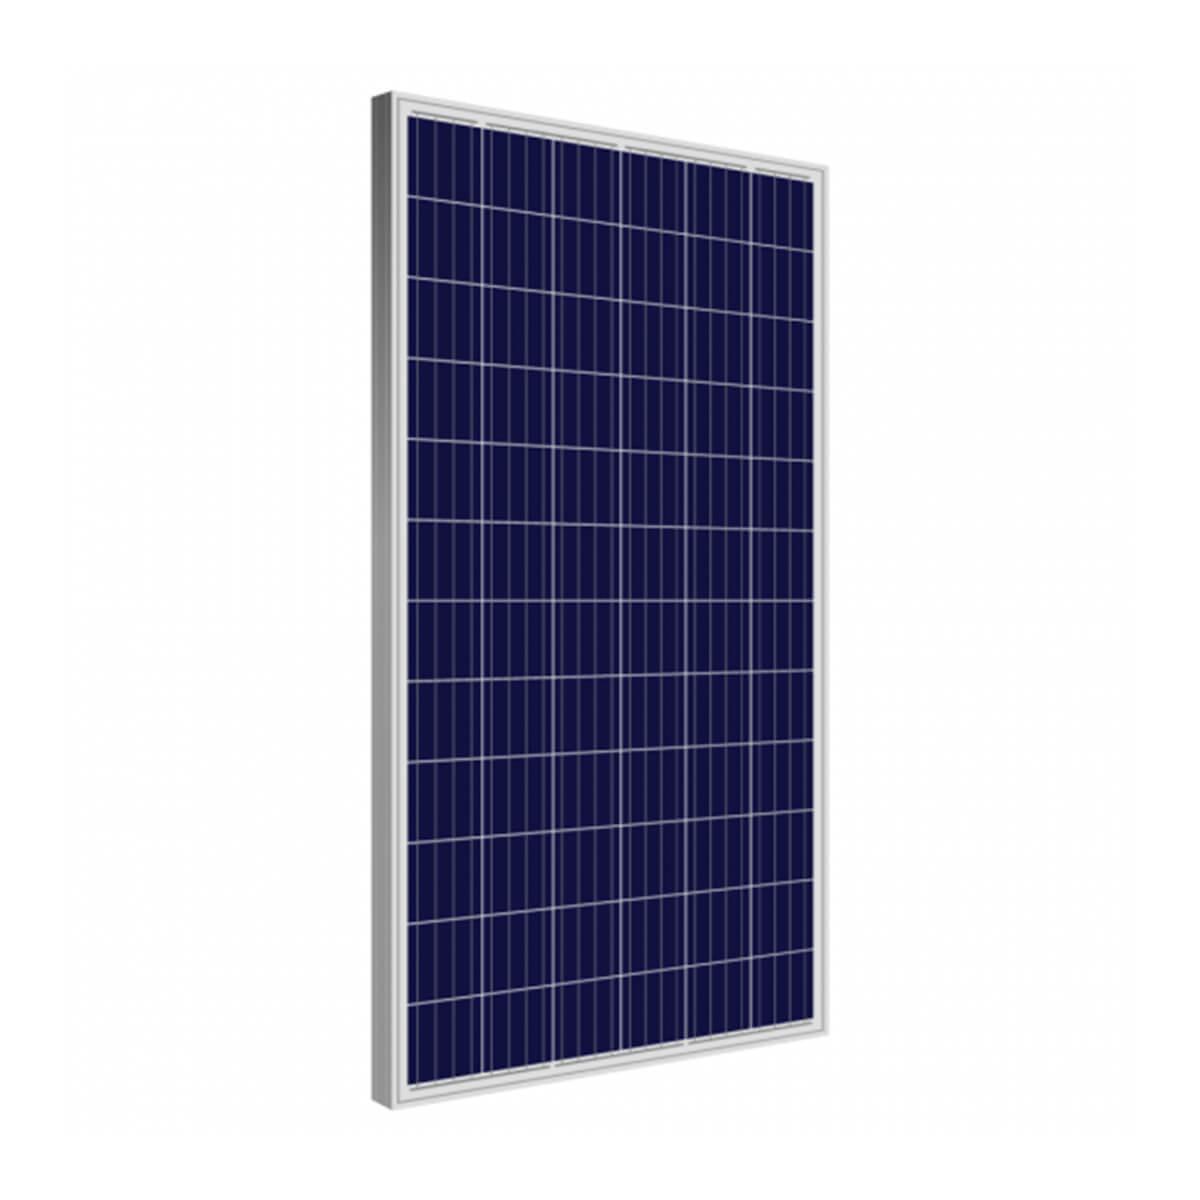 ankara solar 310W panel, ankara solar 310Watt panel, ankara solar 310 W panel, ankara solar 310 Watt panel, ankara solar 310 Watt polikristal panel, ankara solar 310 W watt gunes paneli, ankara solar 310 W watt polikristal gunes paneli, ankara solar 310 W Watt fotovoltaik polikristal solar panel, ankara solar 310W polikristal gunes enerjisi, ankara solar AS-P72-310W panel, ANKARA SOLAR 310WATT